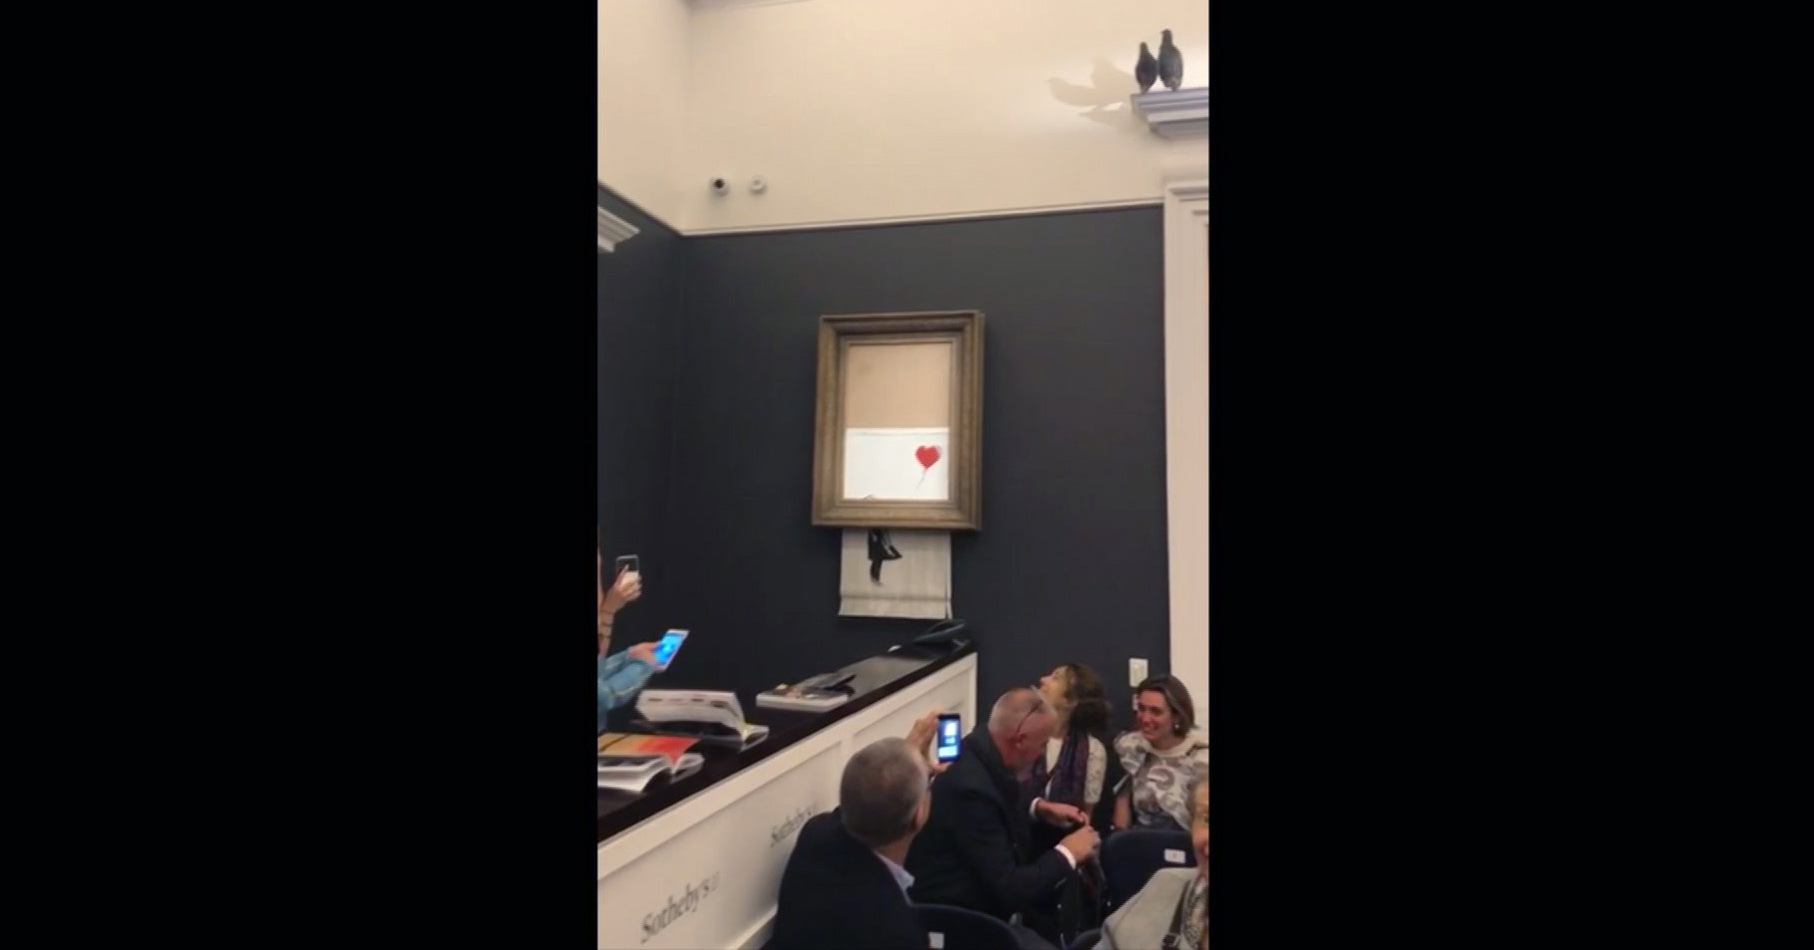 Végül tényleg kifizette az 1 millió fontot a ledarált Banksy-képért a szerencsés gyűjtő